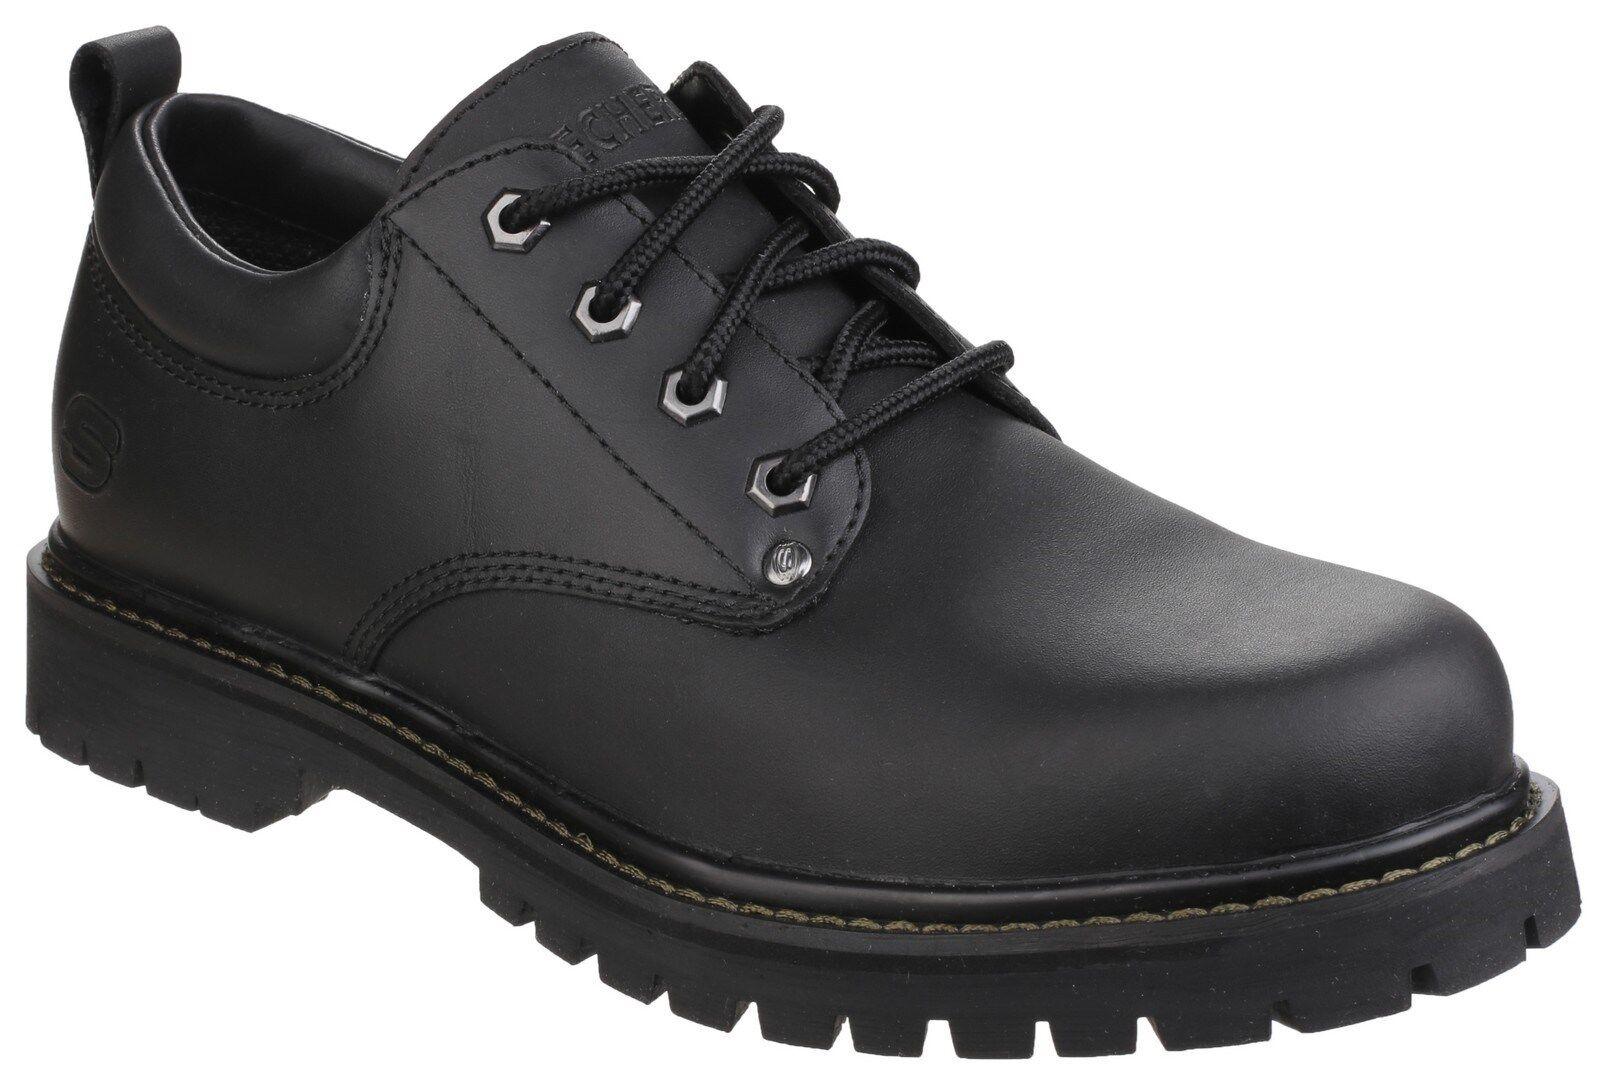 Scarpe casual da uomo  Skechers Tom Gatti da uomo casual oxford pizzo su lavoro scarpe stivali uk6-12